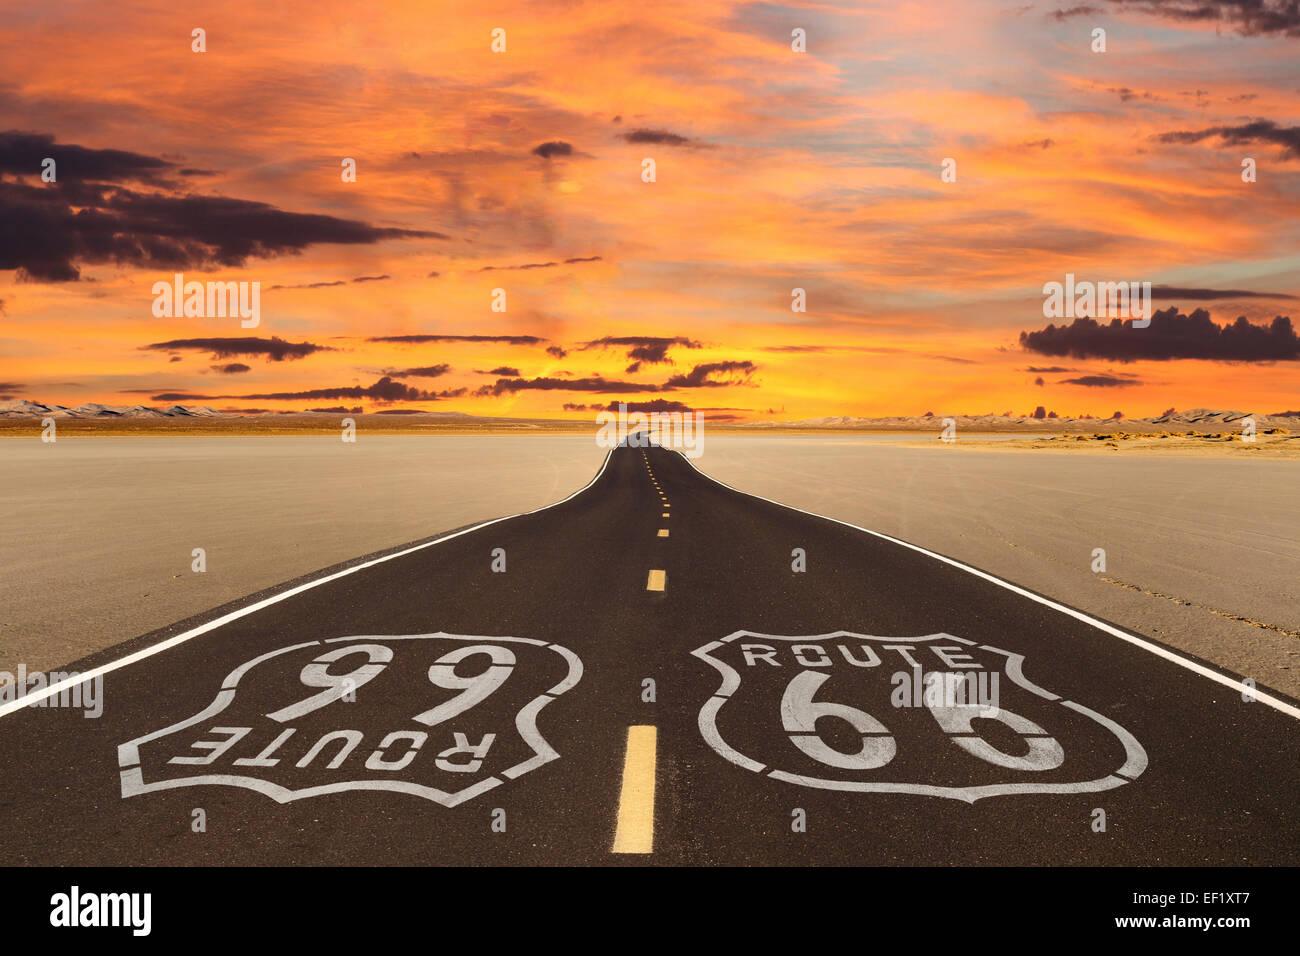 Romantisierenden Wiedergabe der Route 66 einen trockenen Seegrund in der riesigen Mojave-Wüste zu überqueren. Stockbild